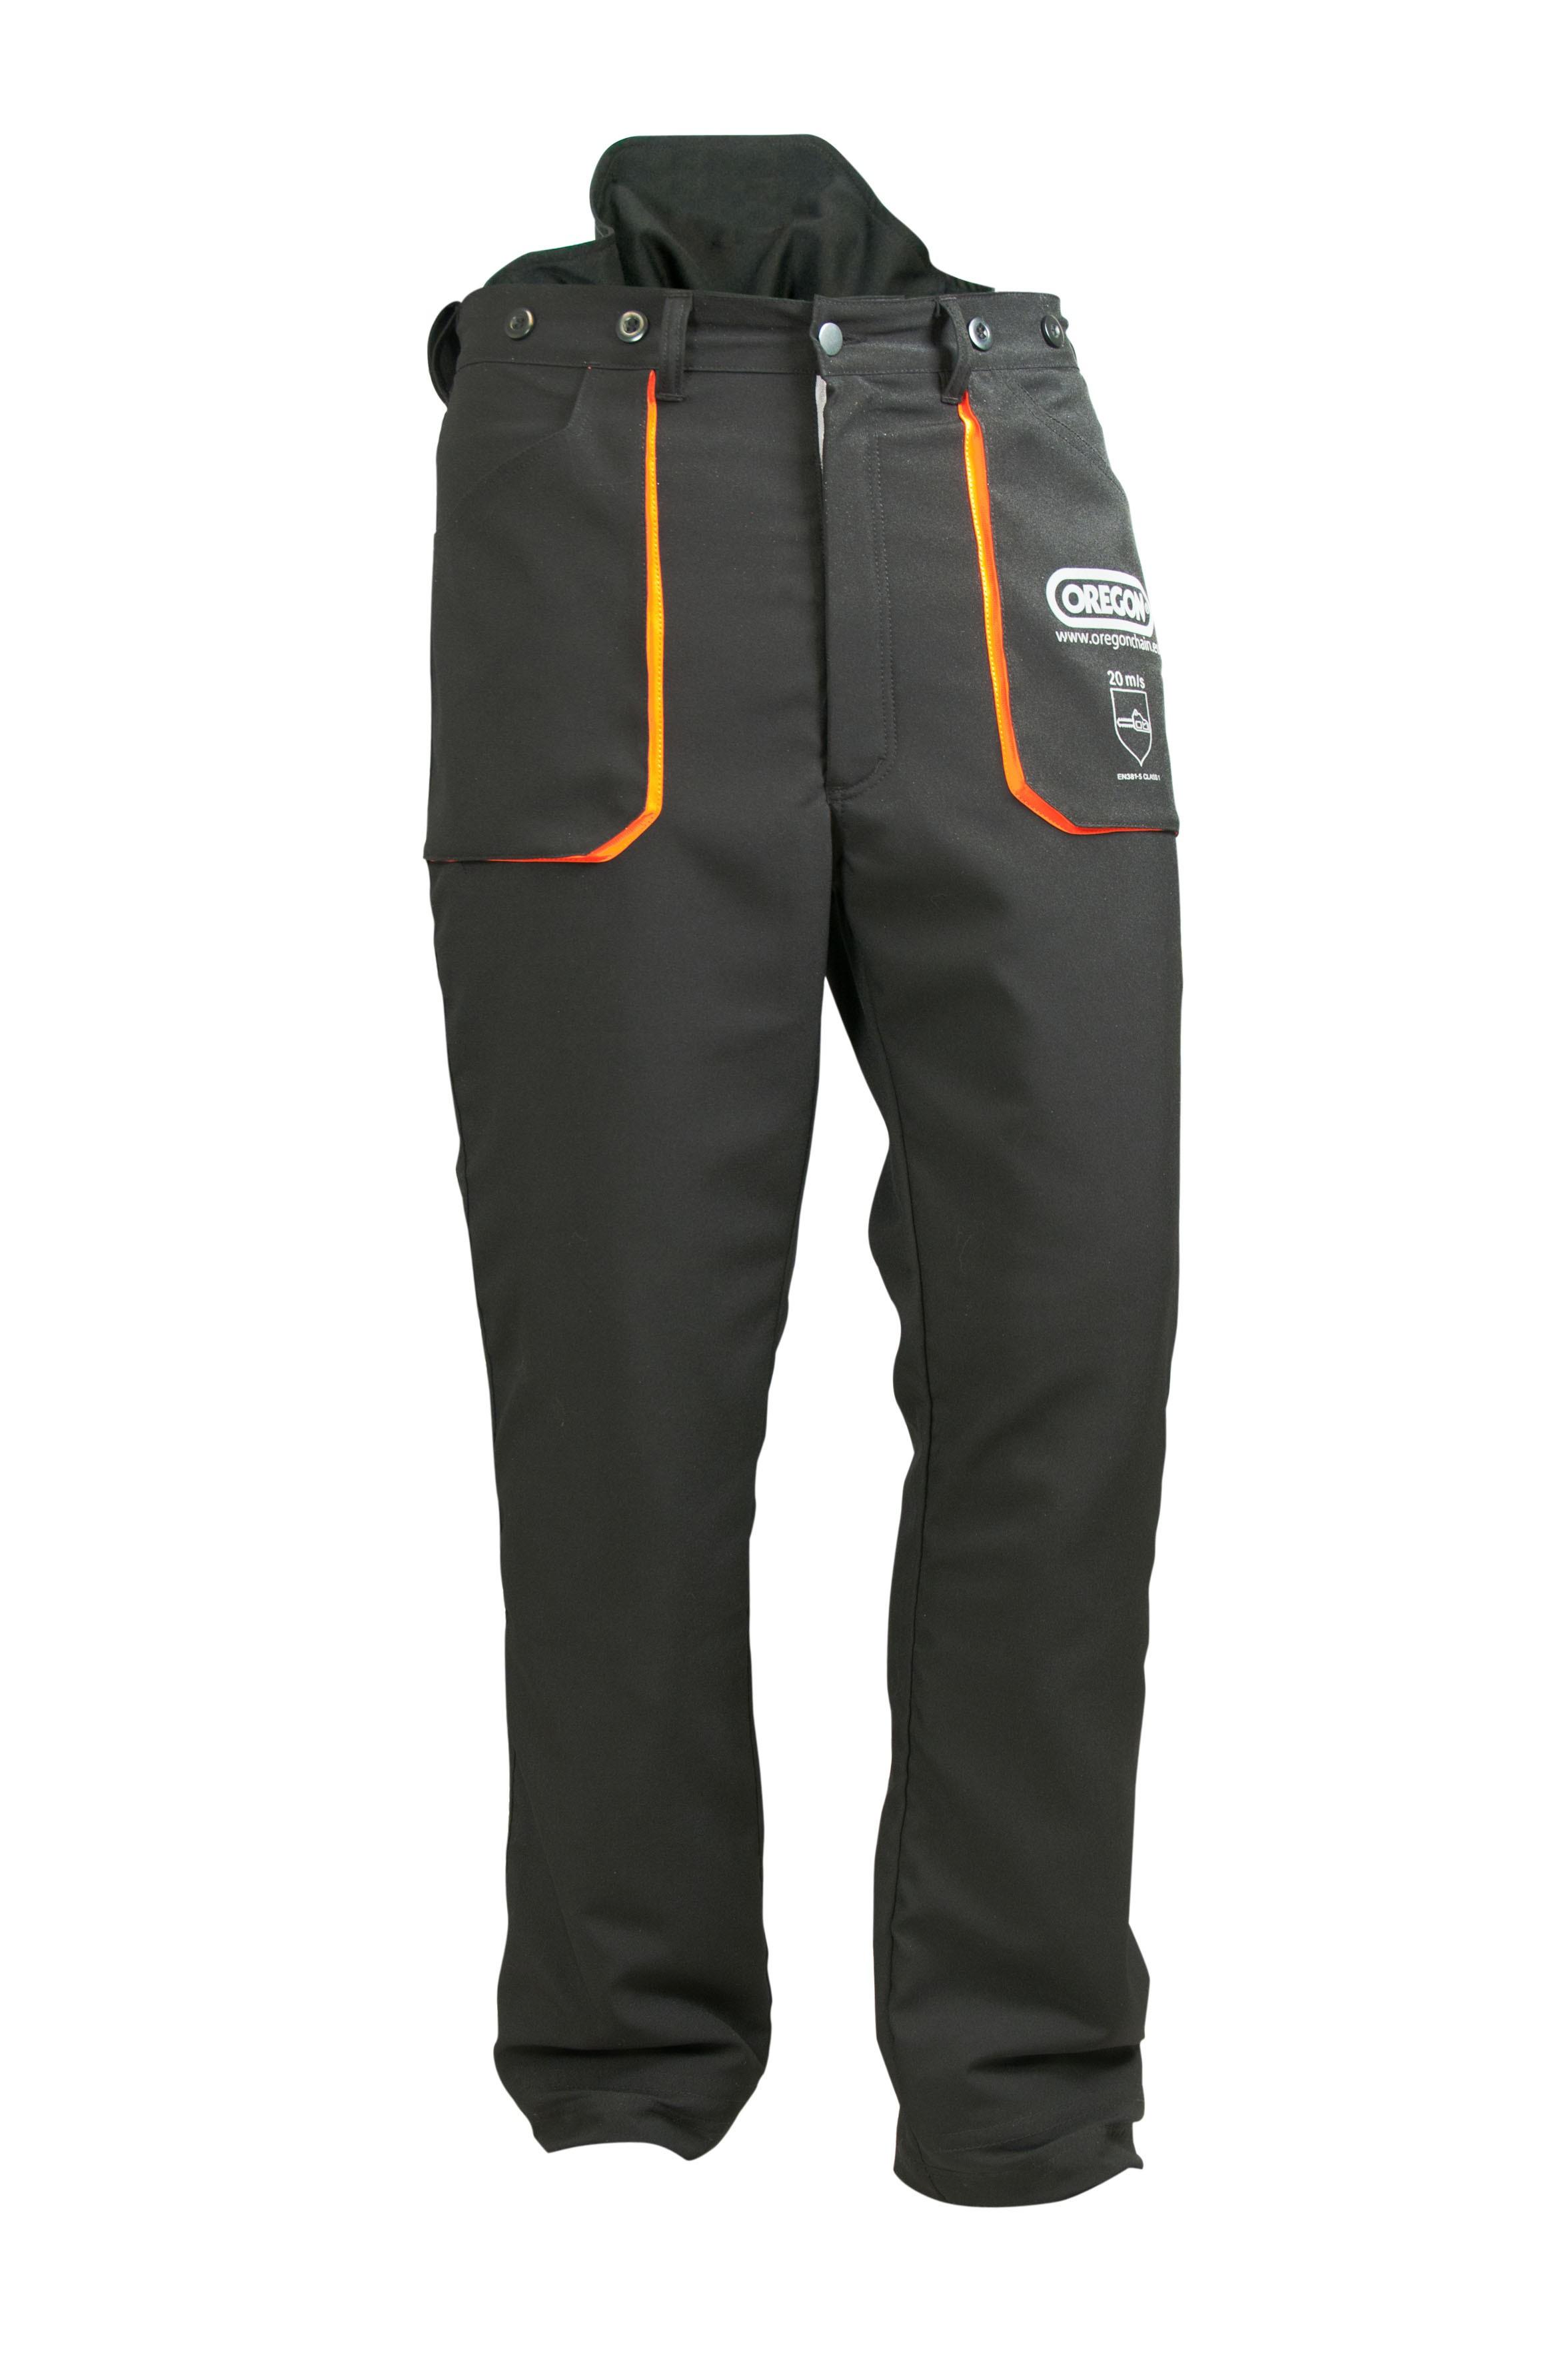 Spodnie antyprzecięciowe YUKON, Klasa 1 (Typ A) S